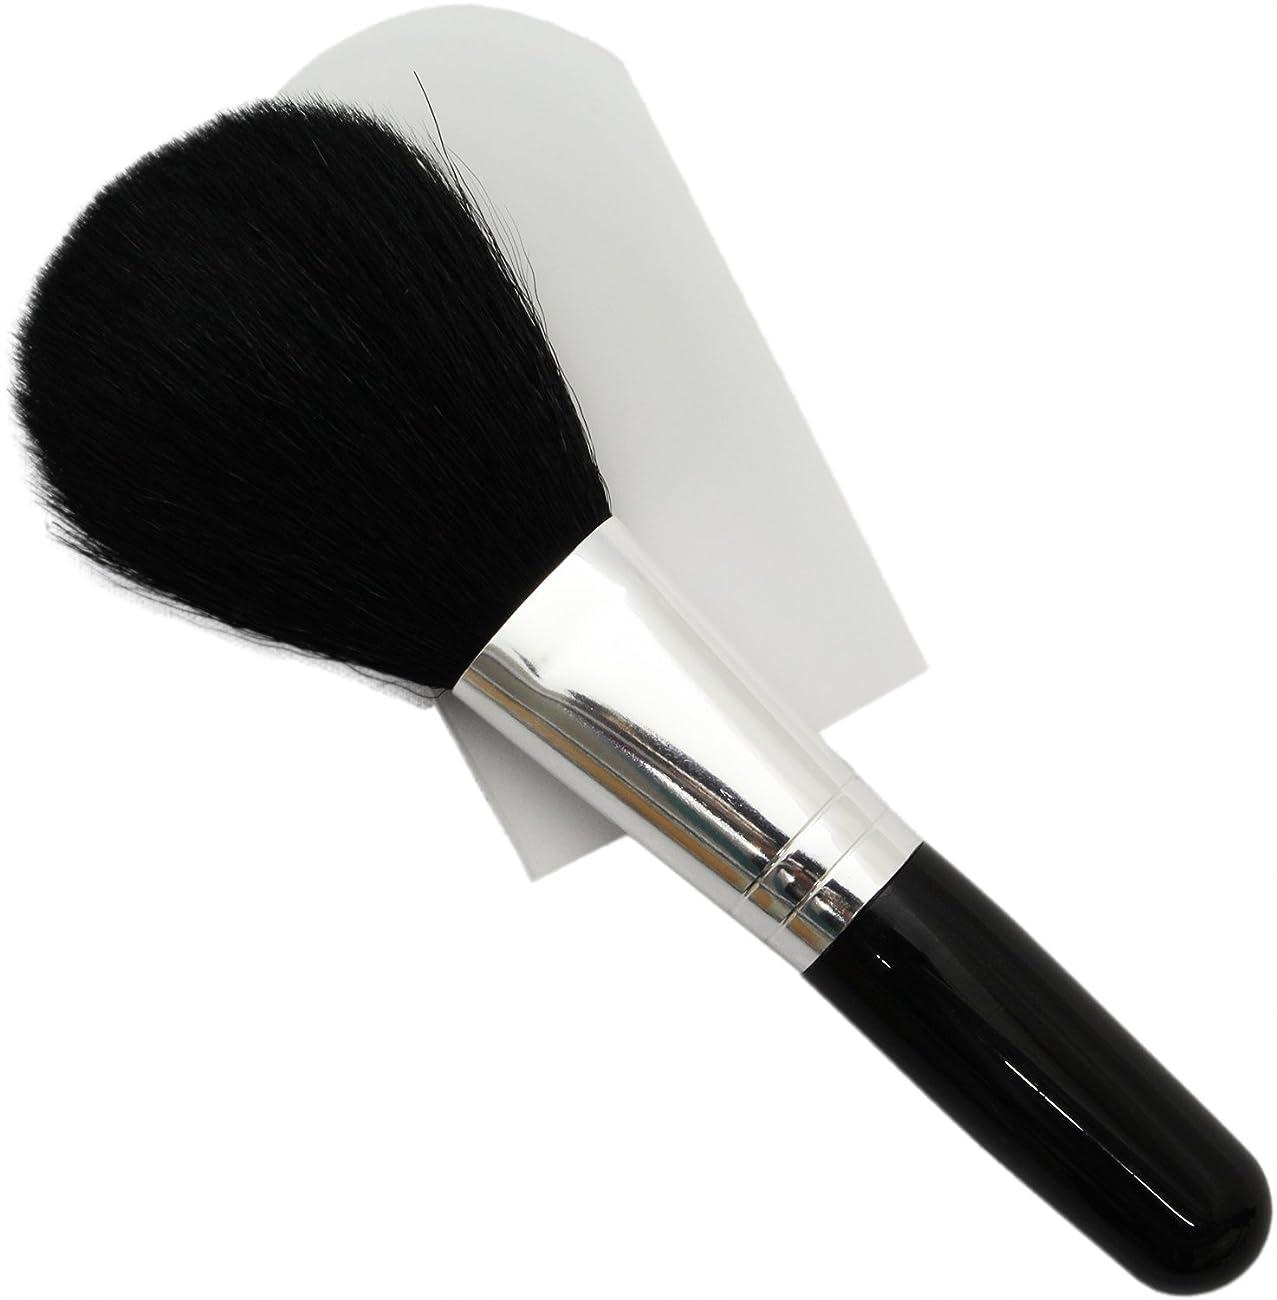 乱用回路予備熊野筆 メイクブラシ KUシリーズ パウダーブラシ 山羊毛